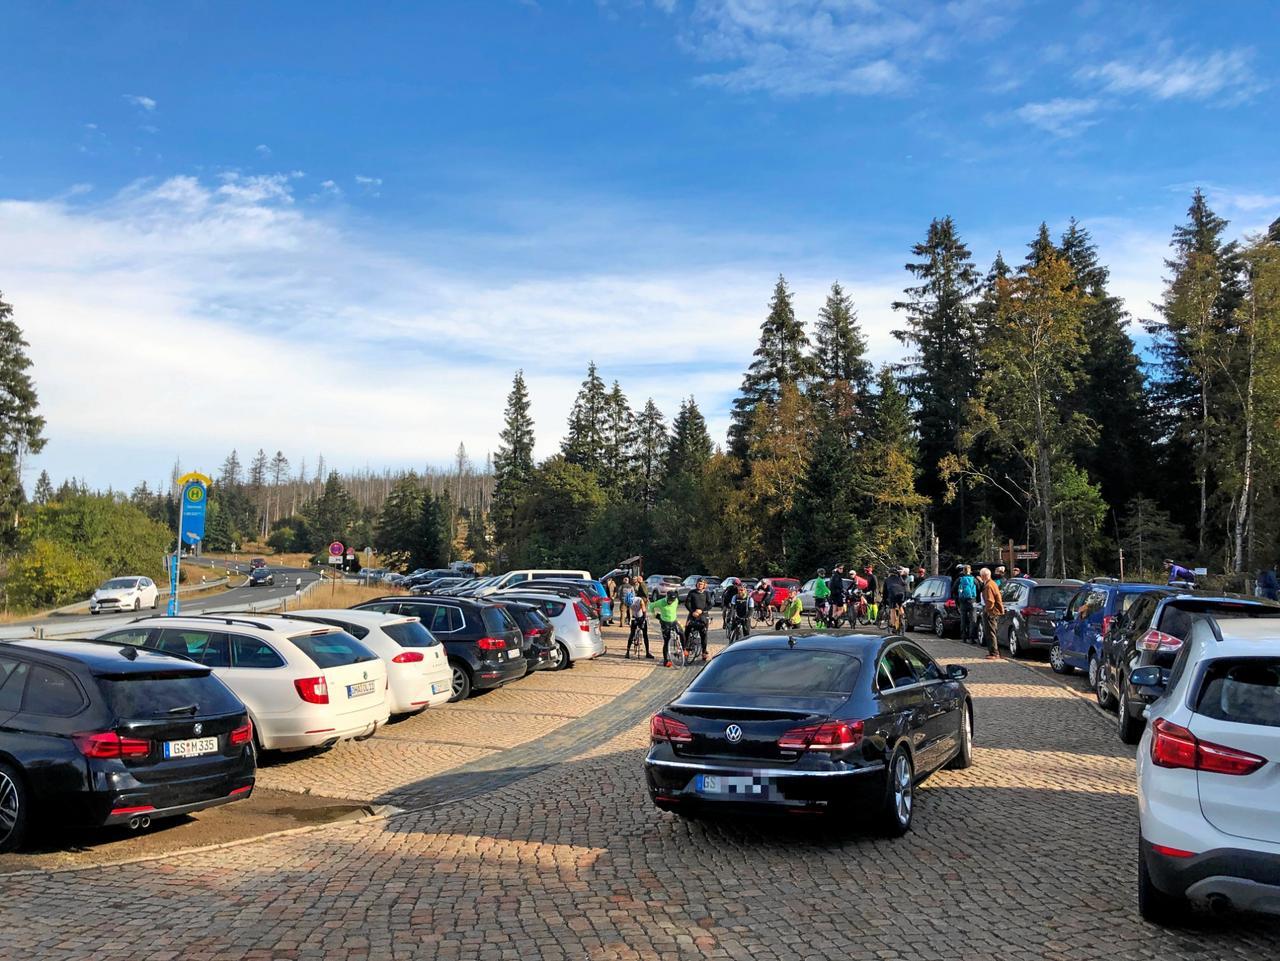 Kein Parkplatz mehr frei